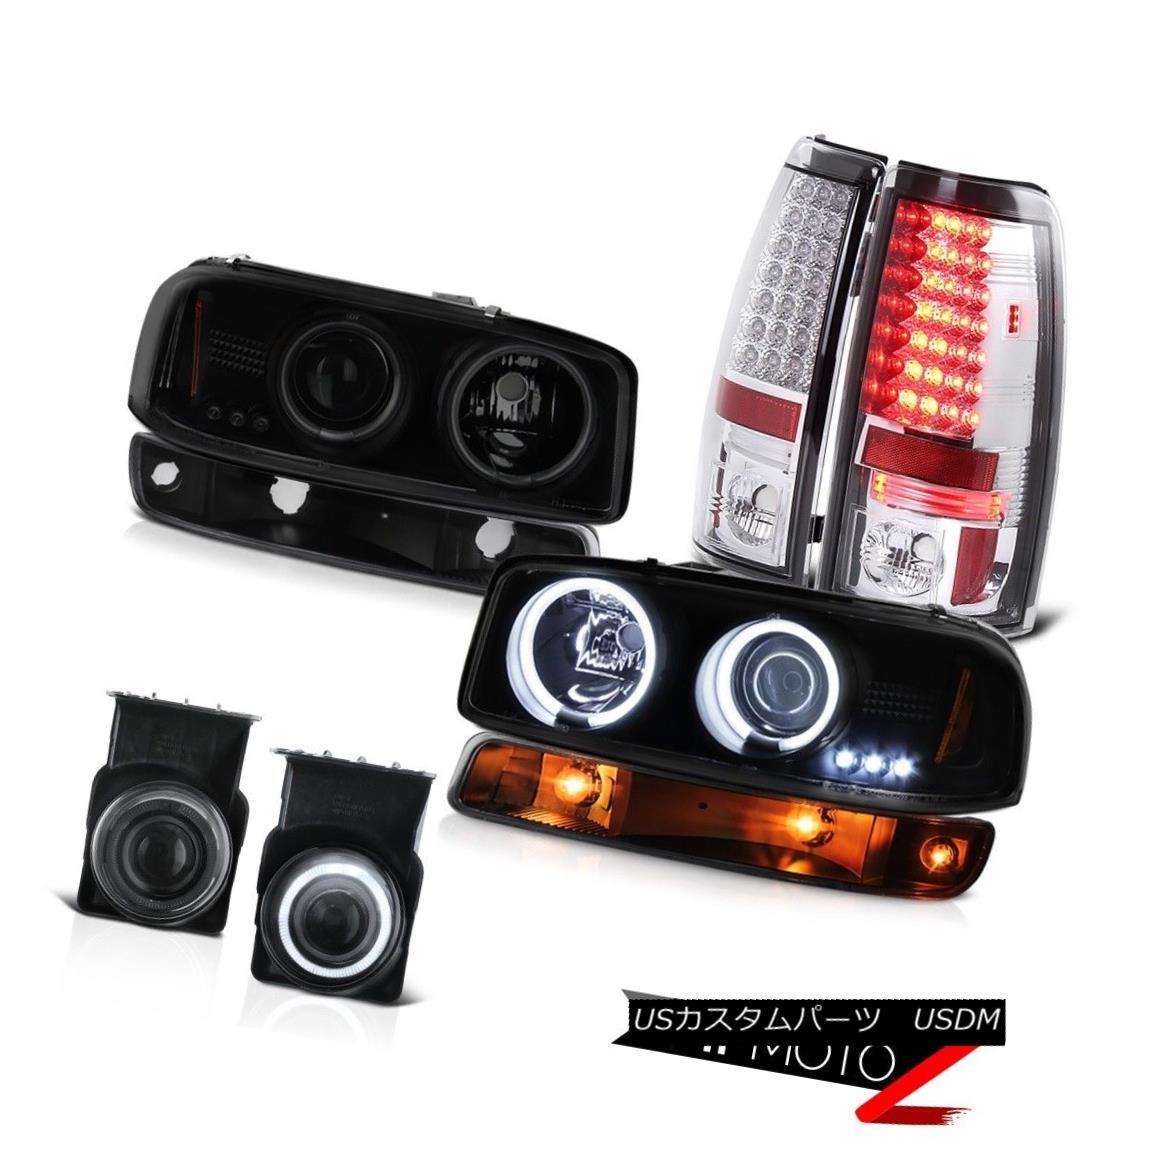 テールライト 03-06 Sierra 5.3L Fog lights euro clear tail brake turn signal ccfl Headlights 03-06シエラ5.3Lフォグライトユーロクリアテールブレーキターンシグナルccflヘッドライト